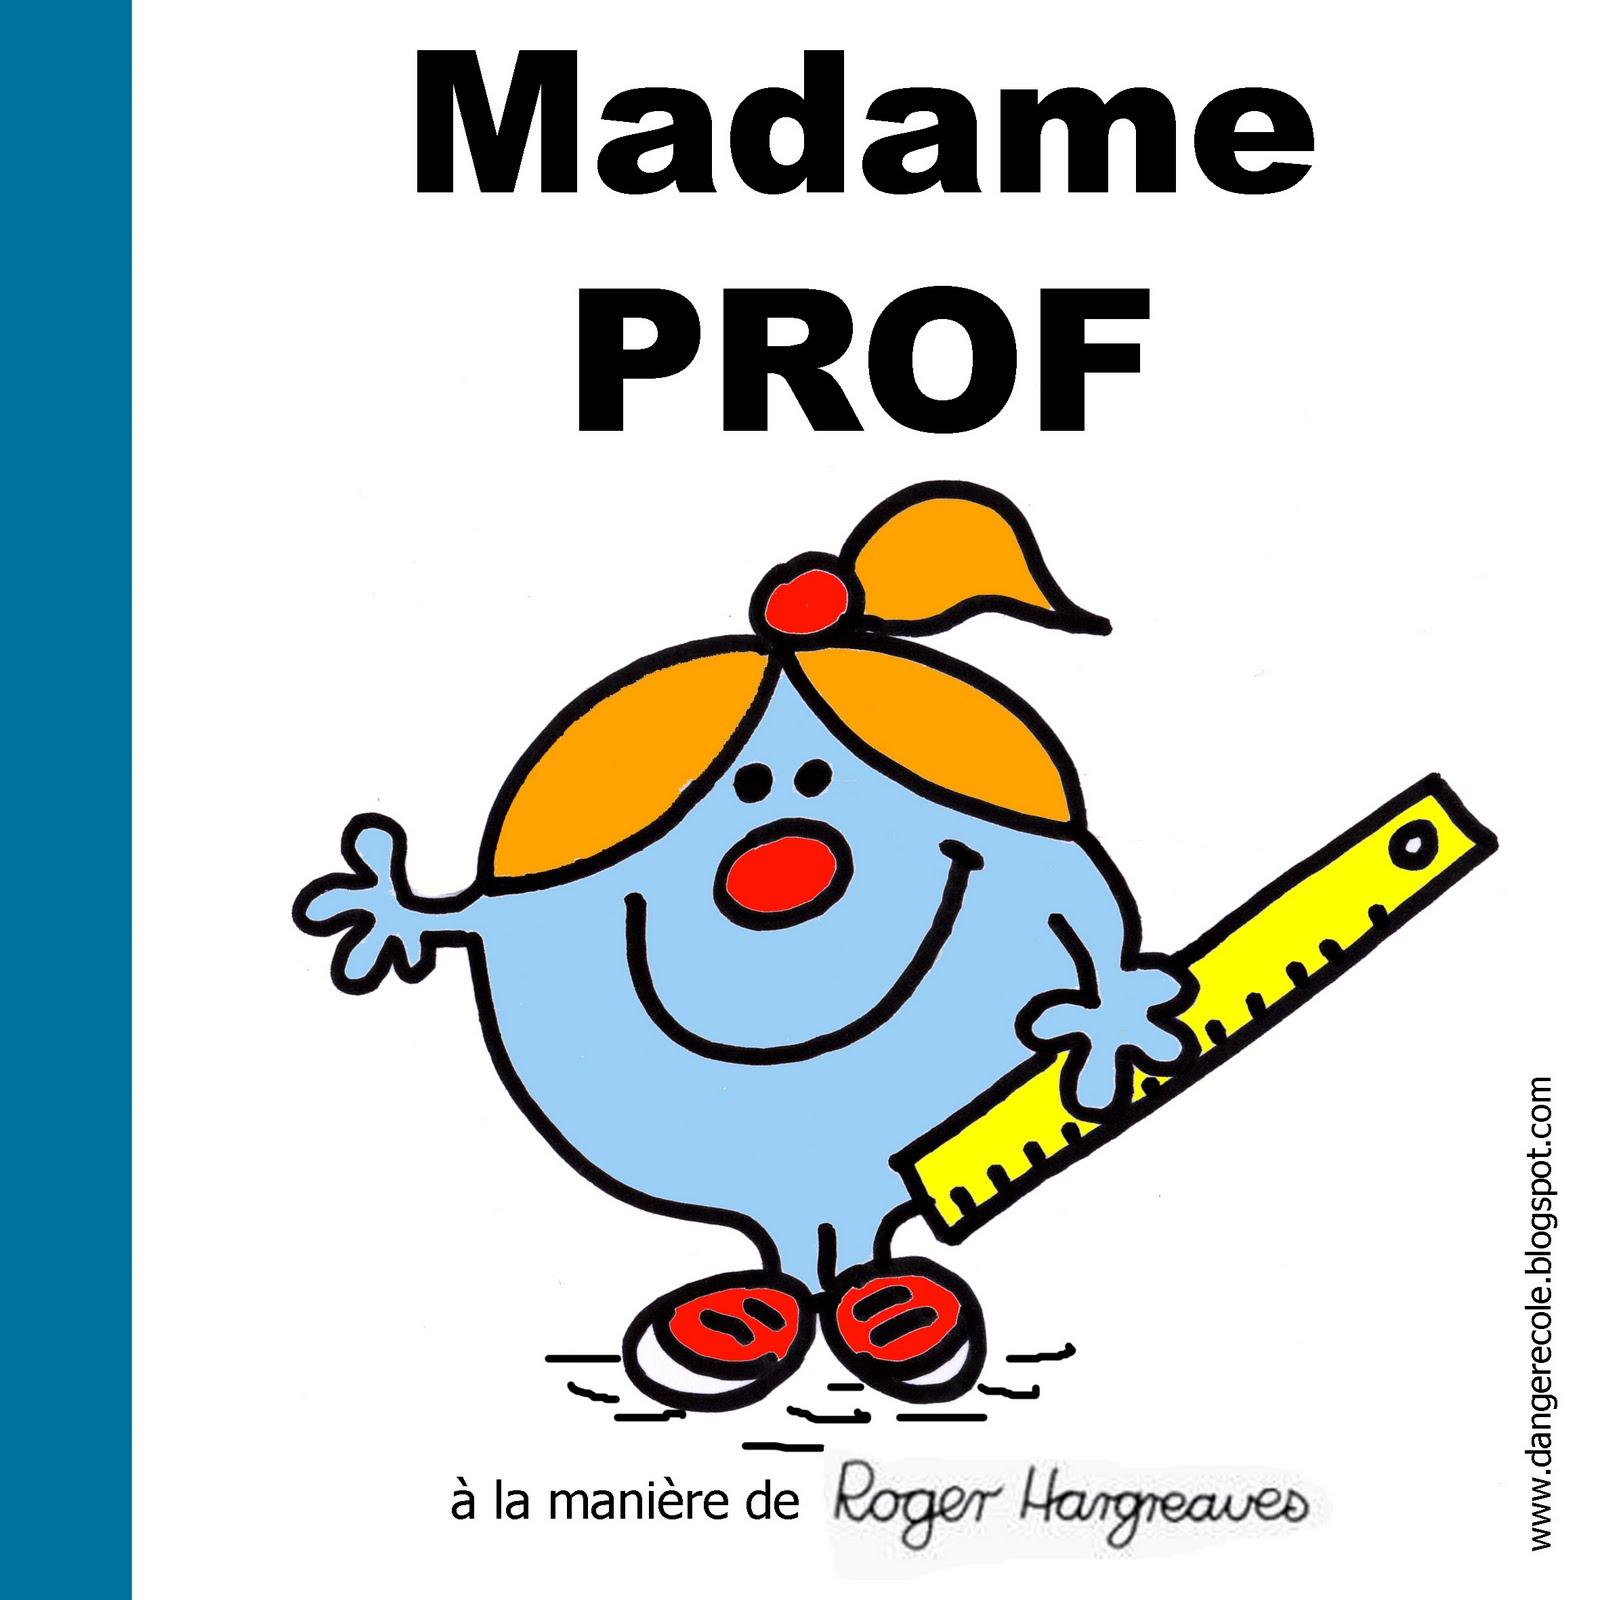 http://4.bp.blogspot.com/_YKd8jtNeB70/TGl9mJ1IoCI/AAAAAAAARXU/gLQwjHatf6A/s1600/madame+prof.jpg